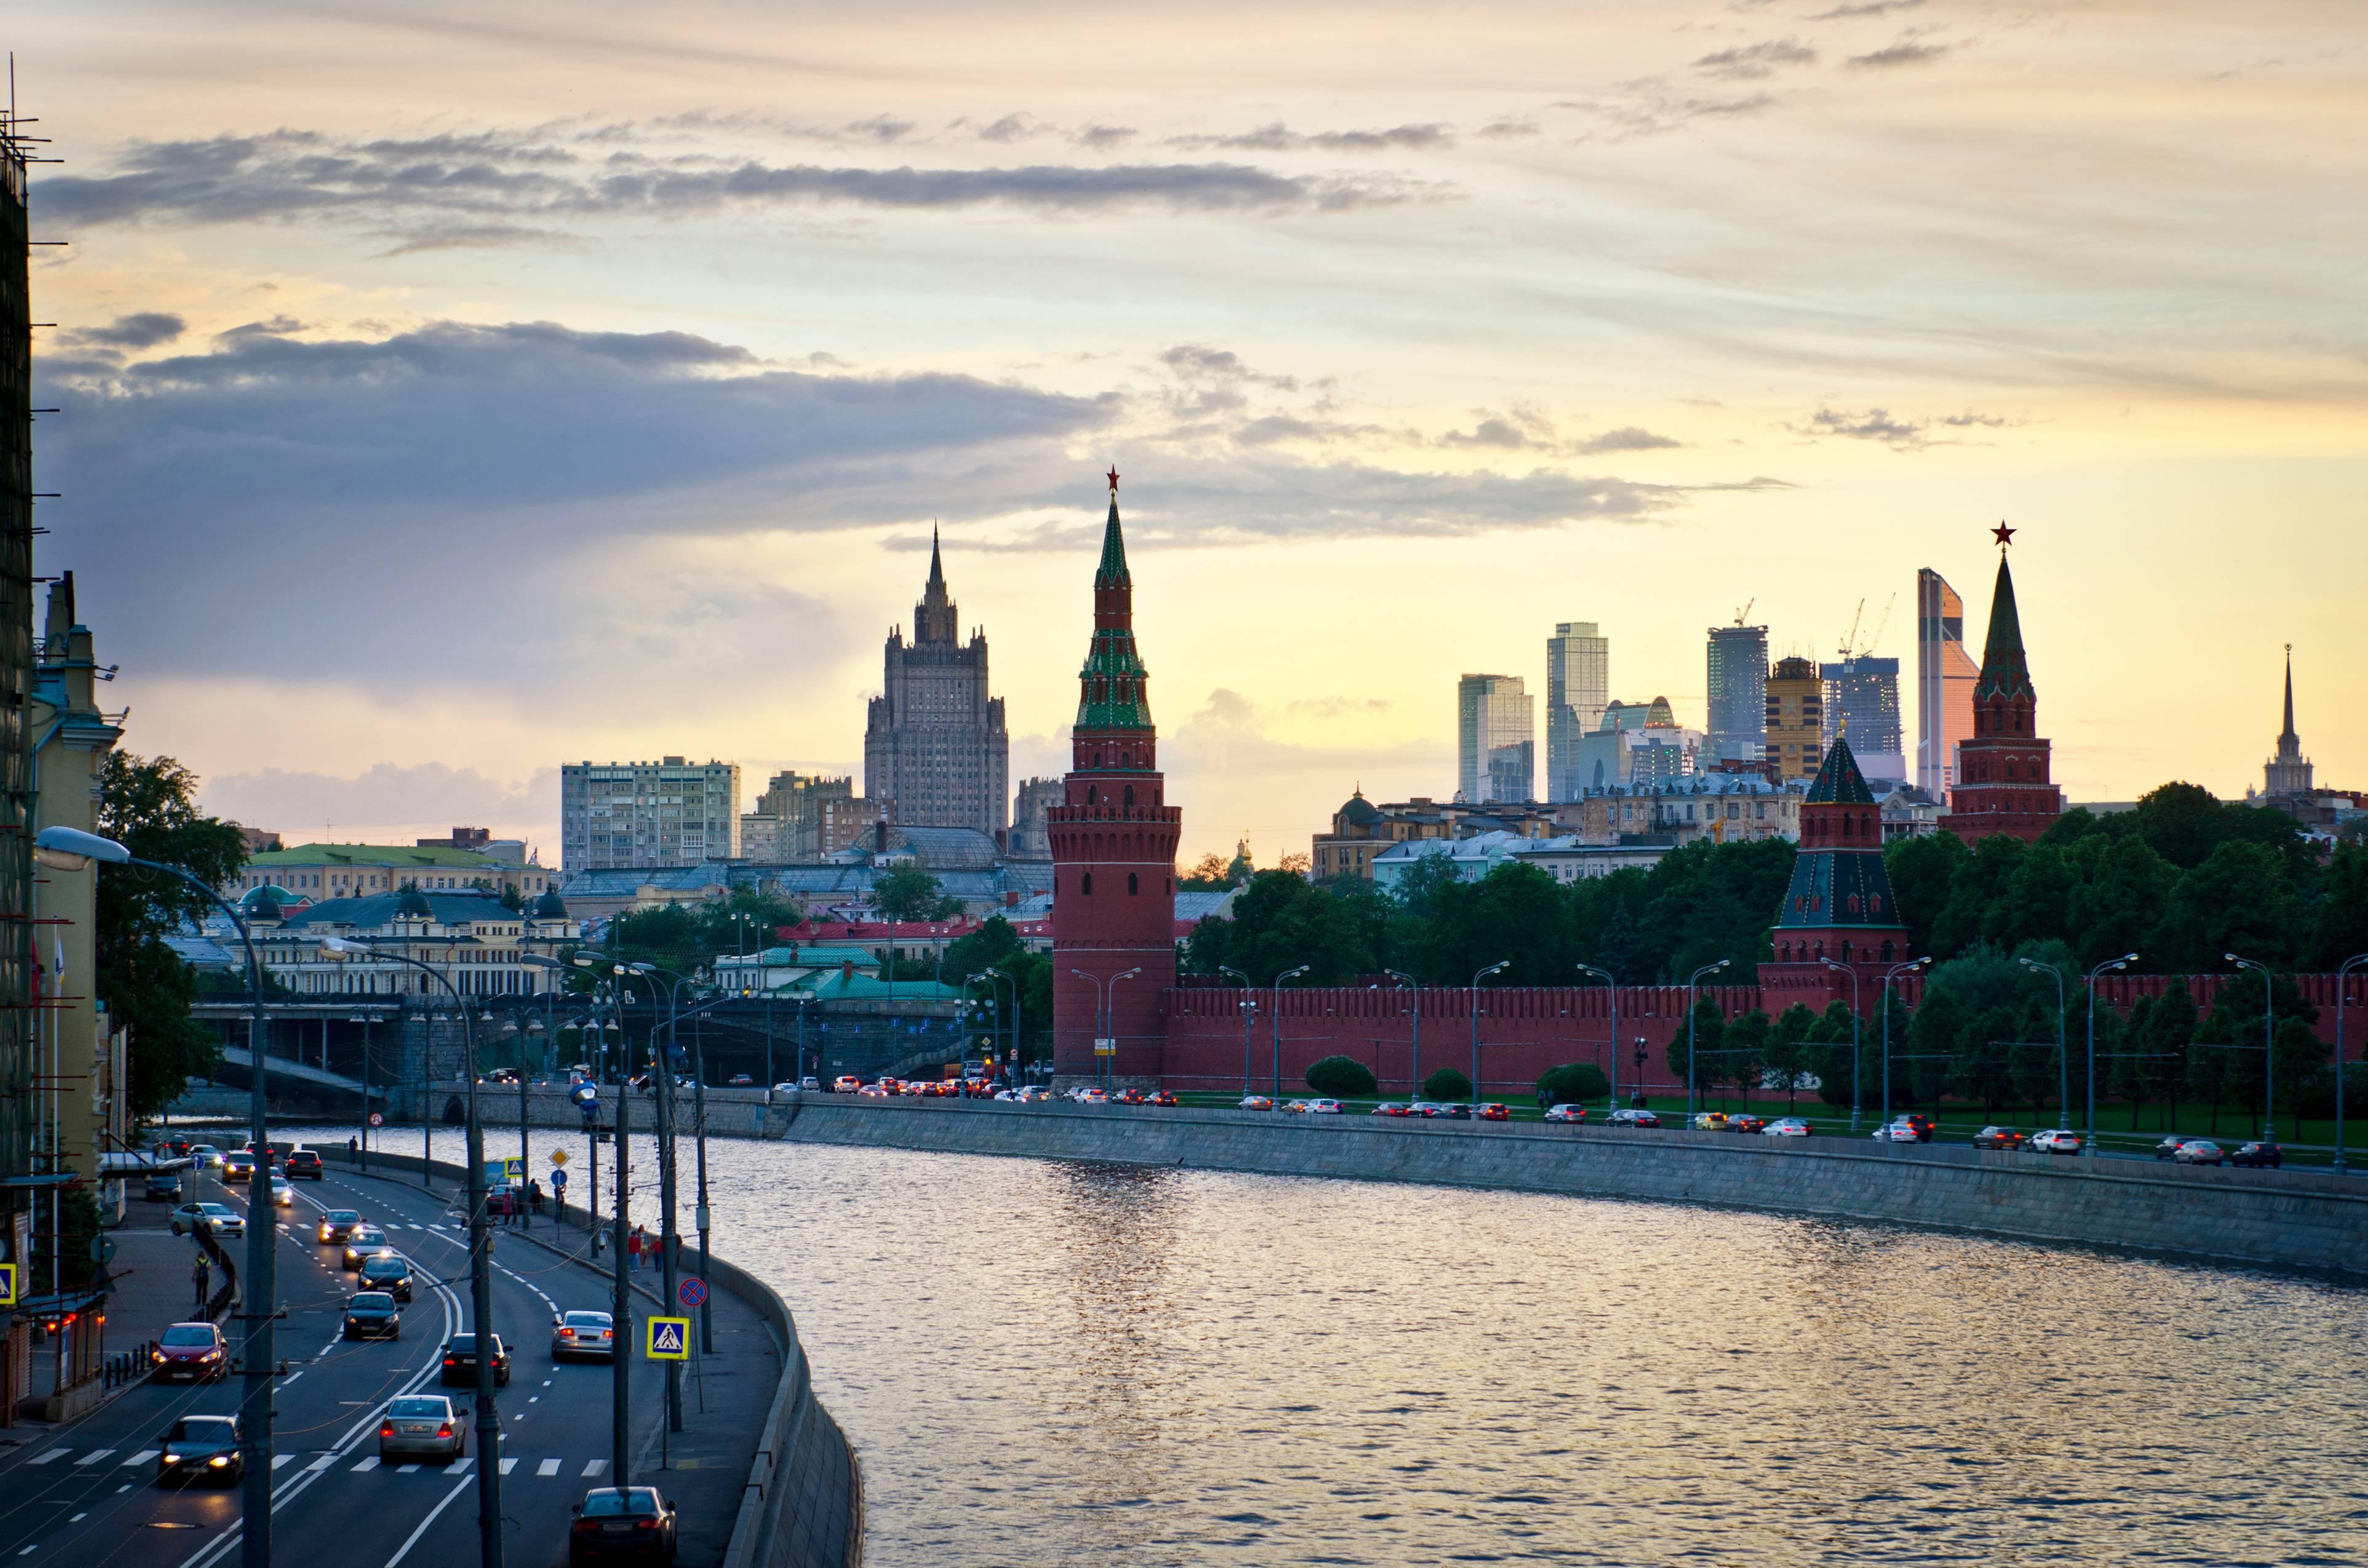 Еще 858 млн рублей требует благоустройство Кремлевской набережной